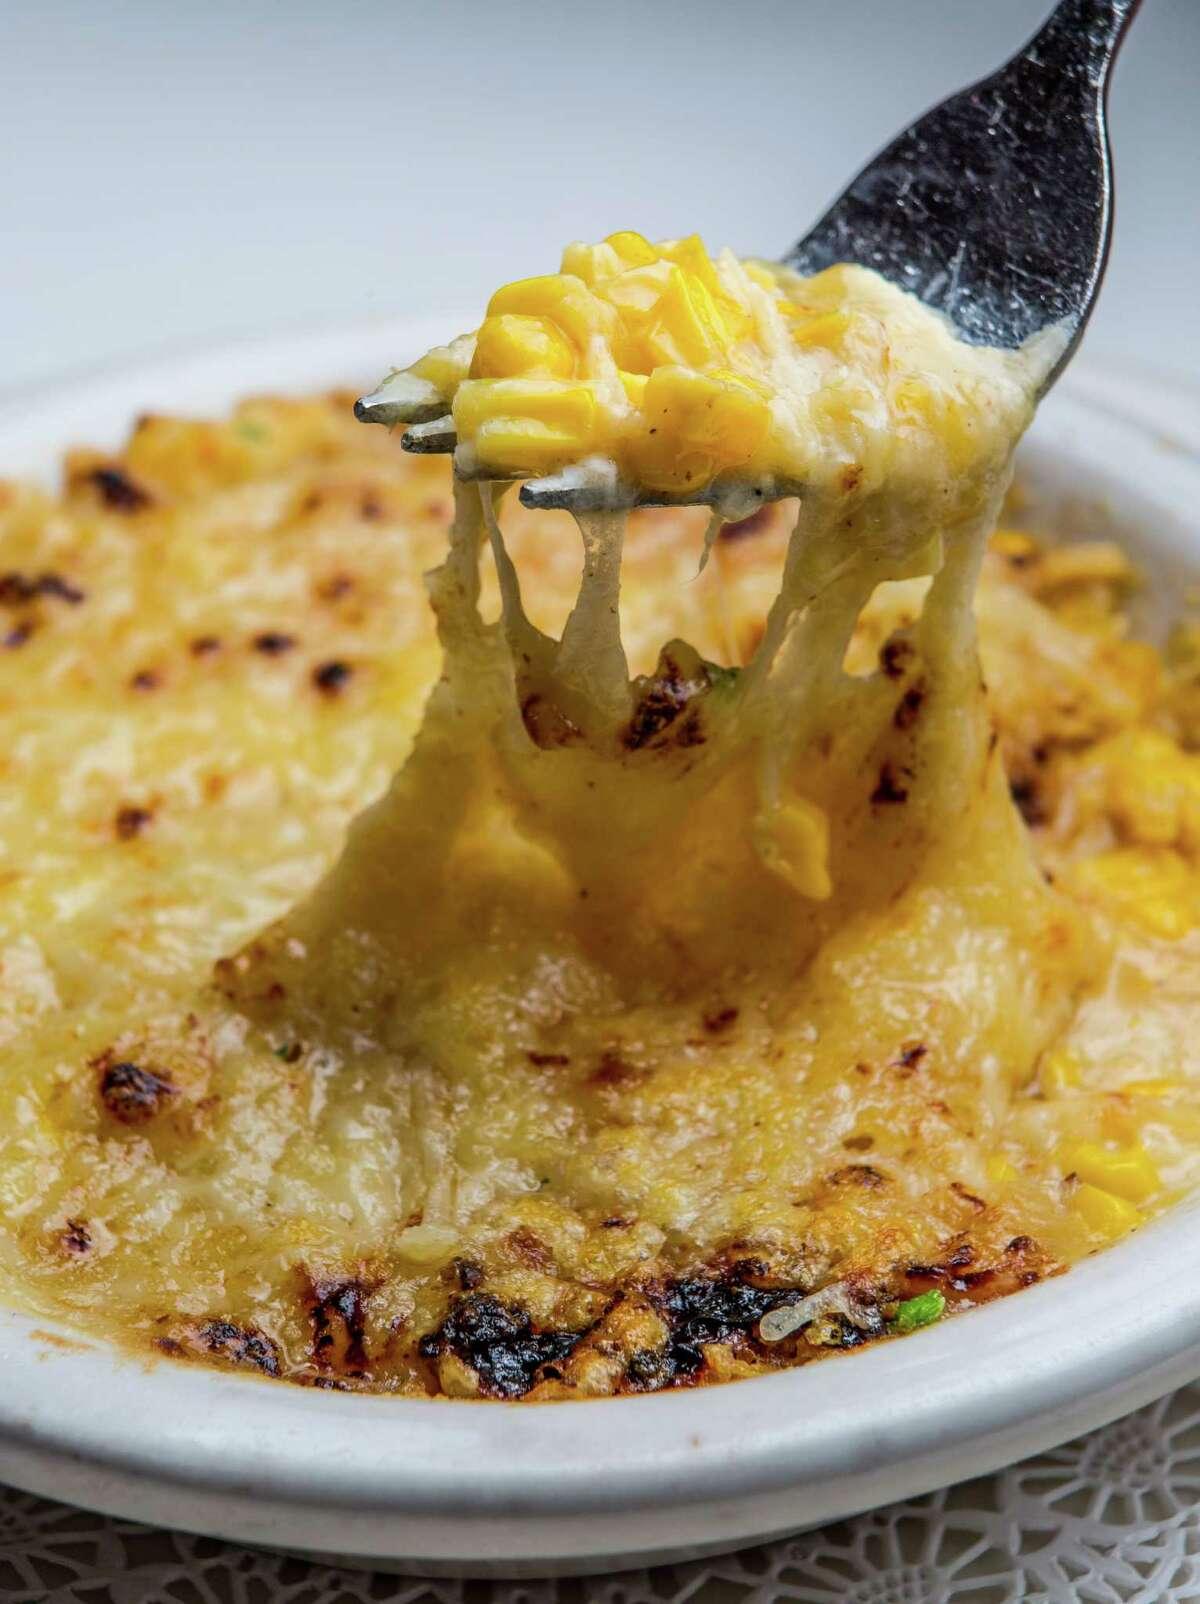 Killen's Steakhouse's creamed corn